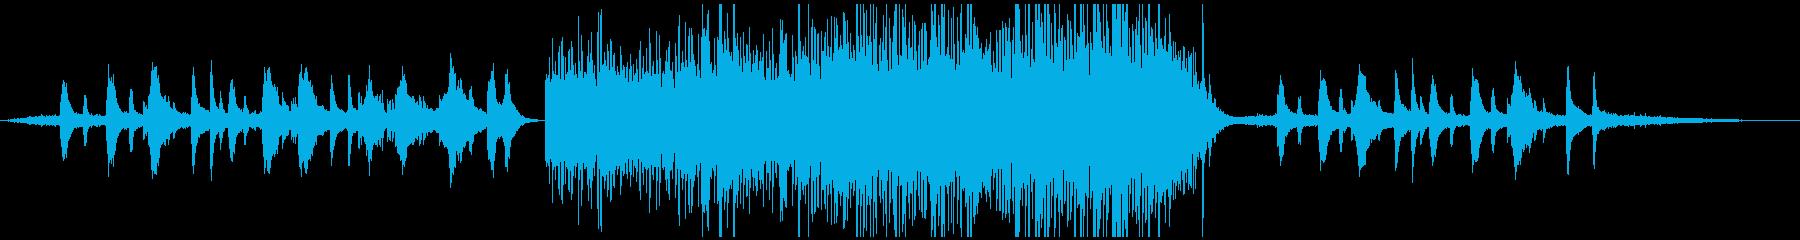 爽やかで透明感溢れるハープと弦(水音有りの再生済みの波形